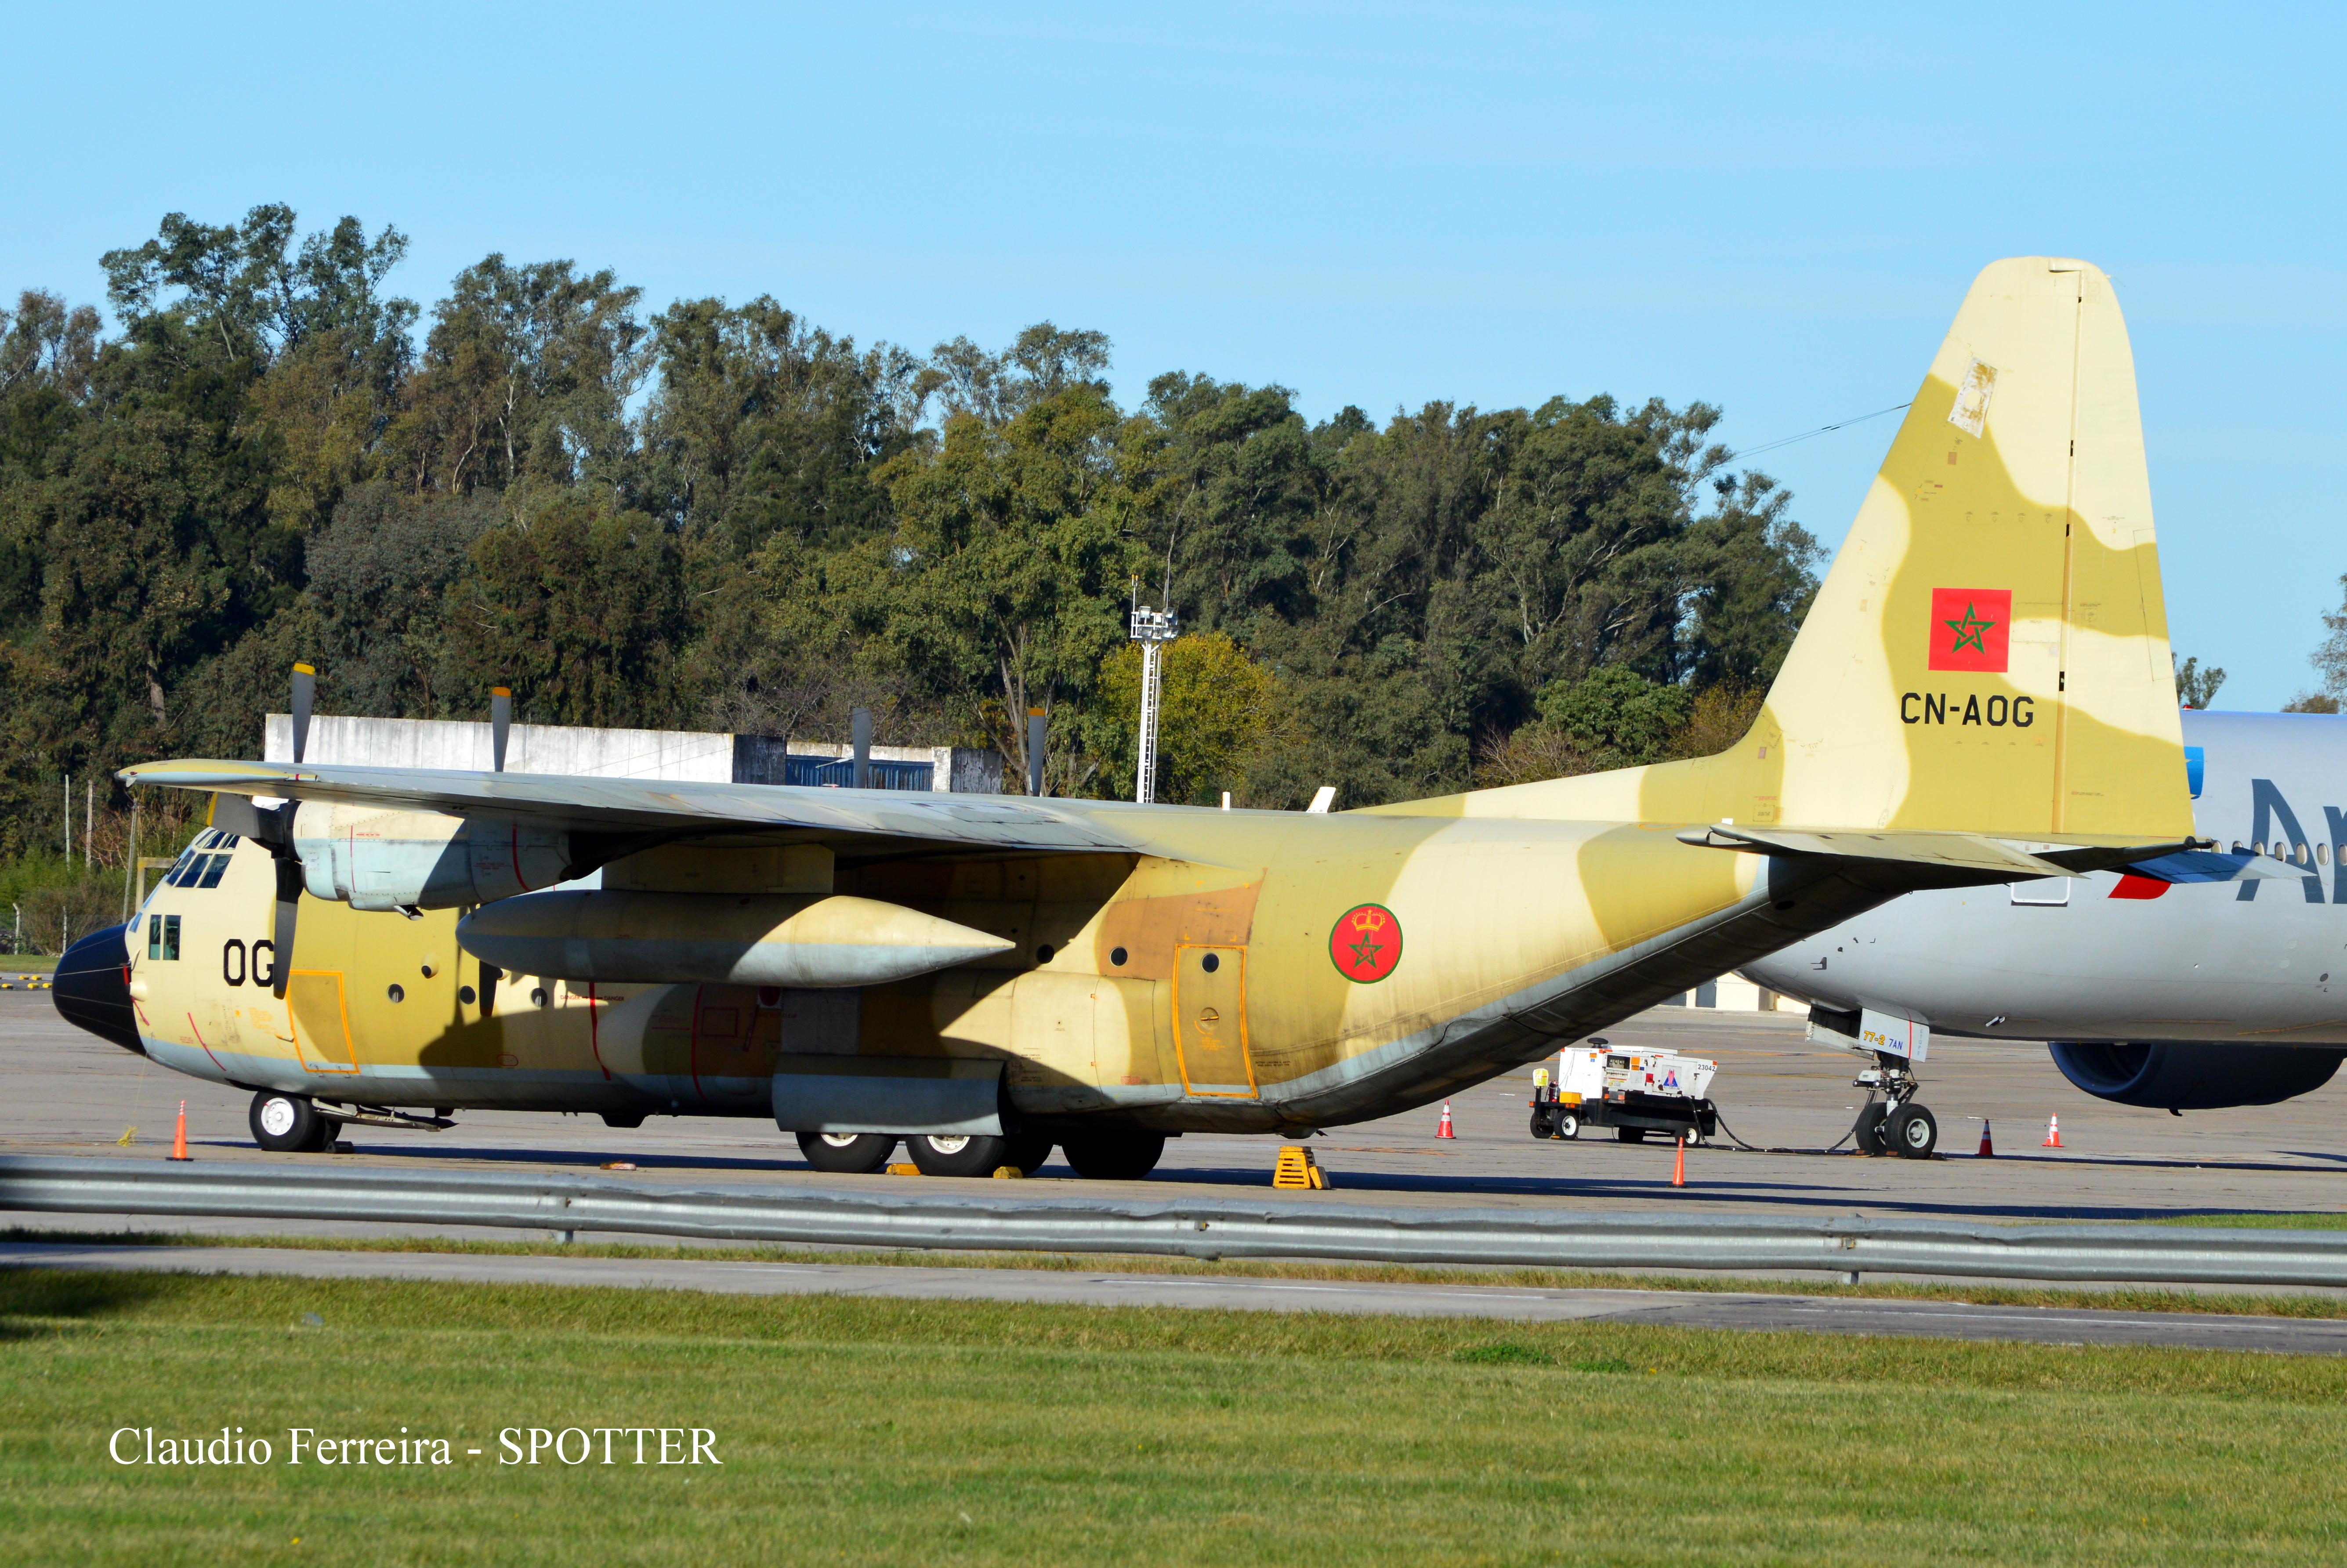 FRA: Photos d'avions de transport - Page 31 34912461715_acb11069c2_o